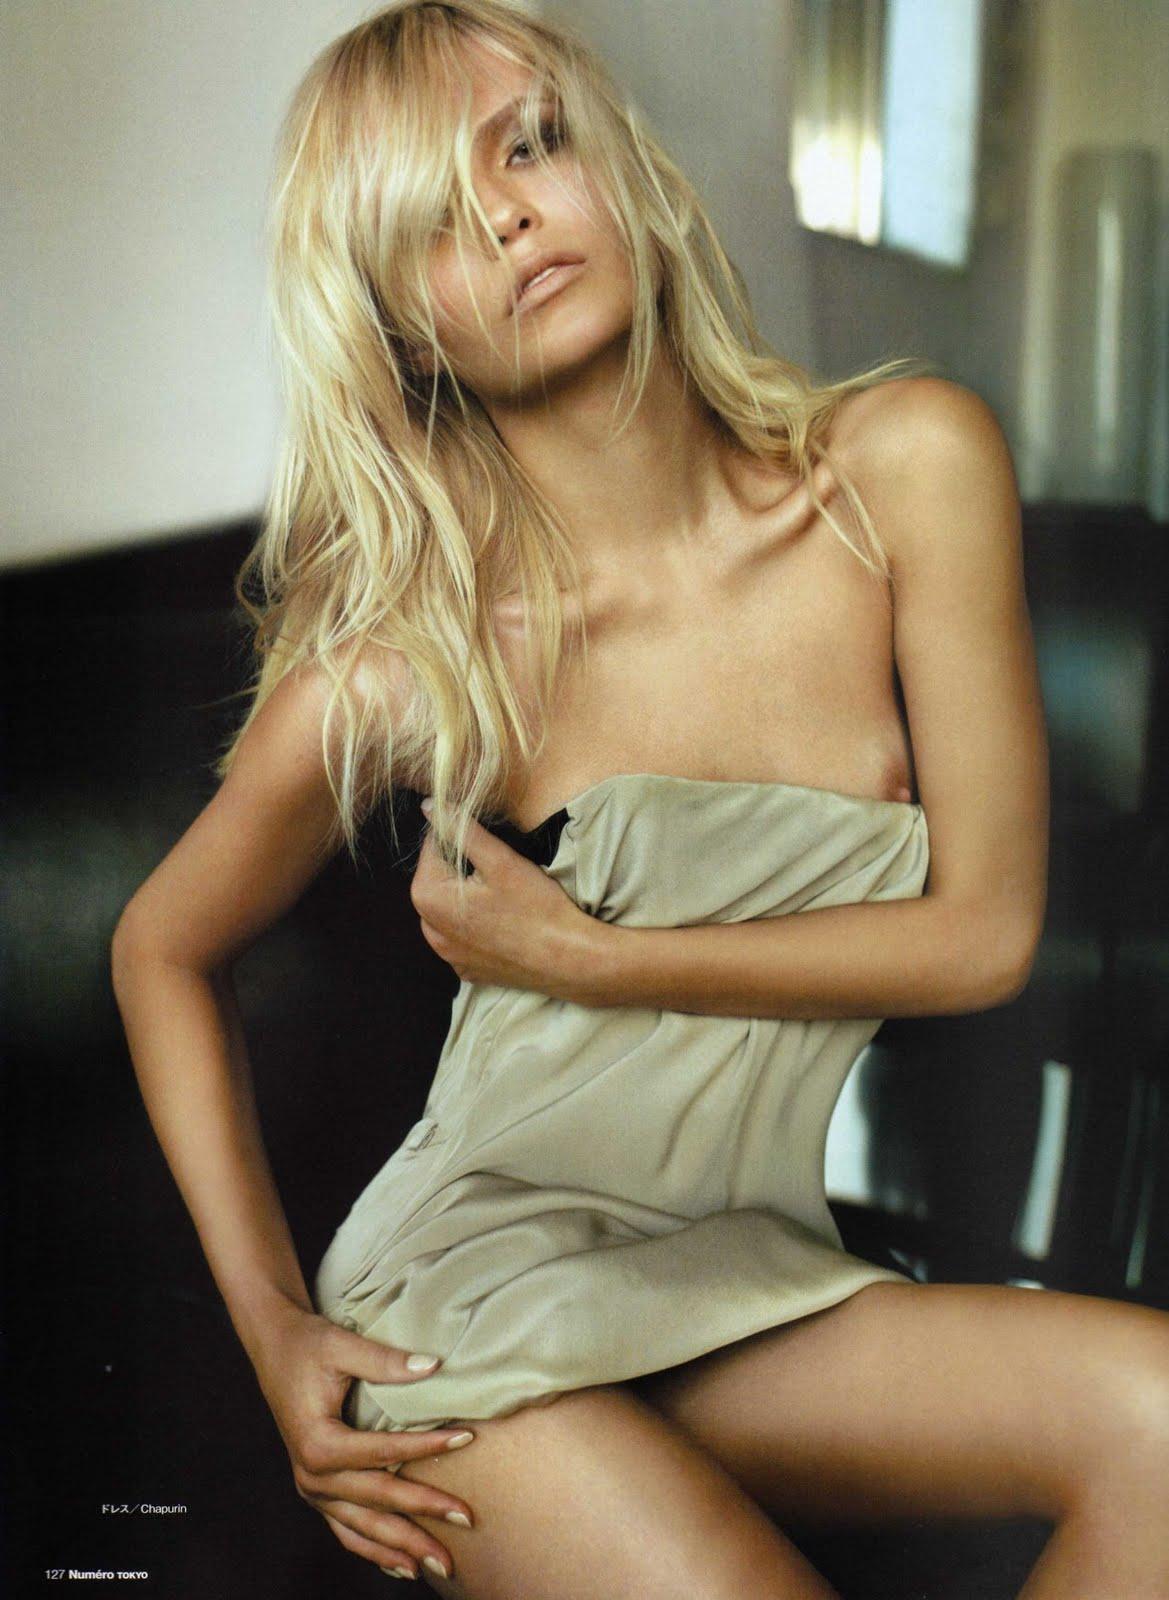 Allwalls Hot Russian Model Natasha Poly-8868